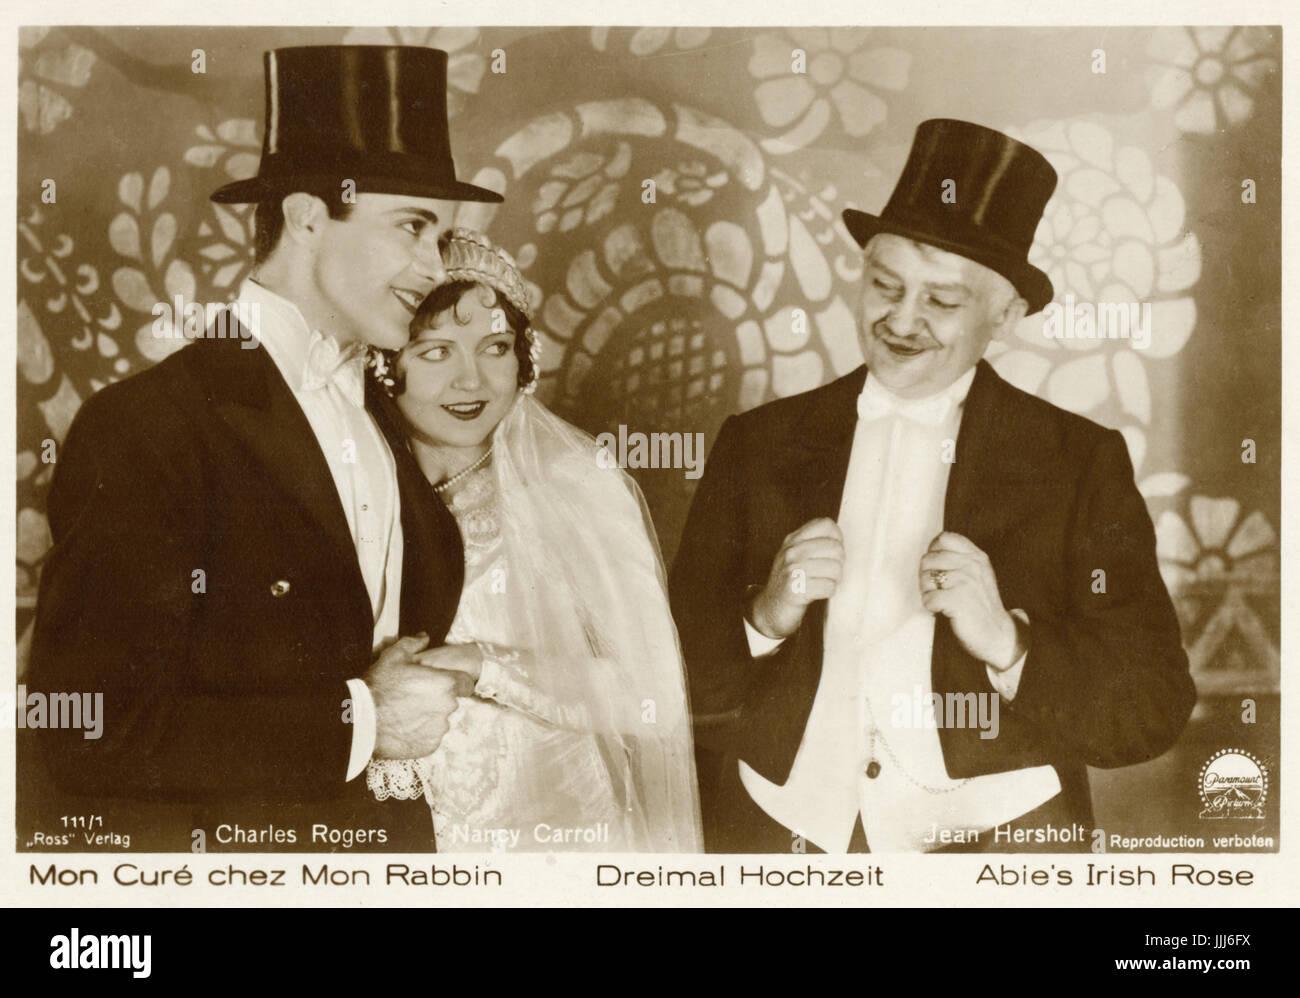 Film Abies Irish Rose Hochzeitsszene New York Der 1920er Jahre